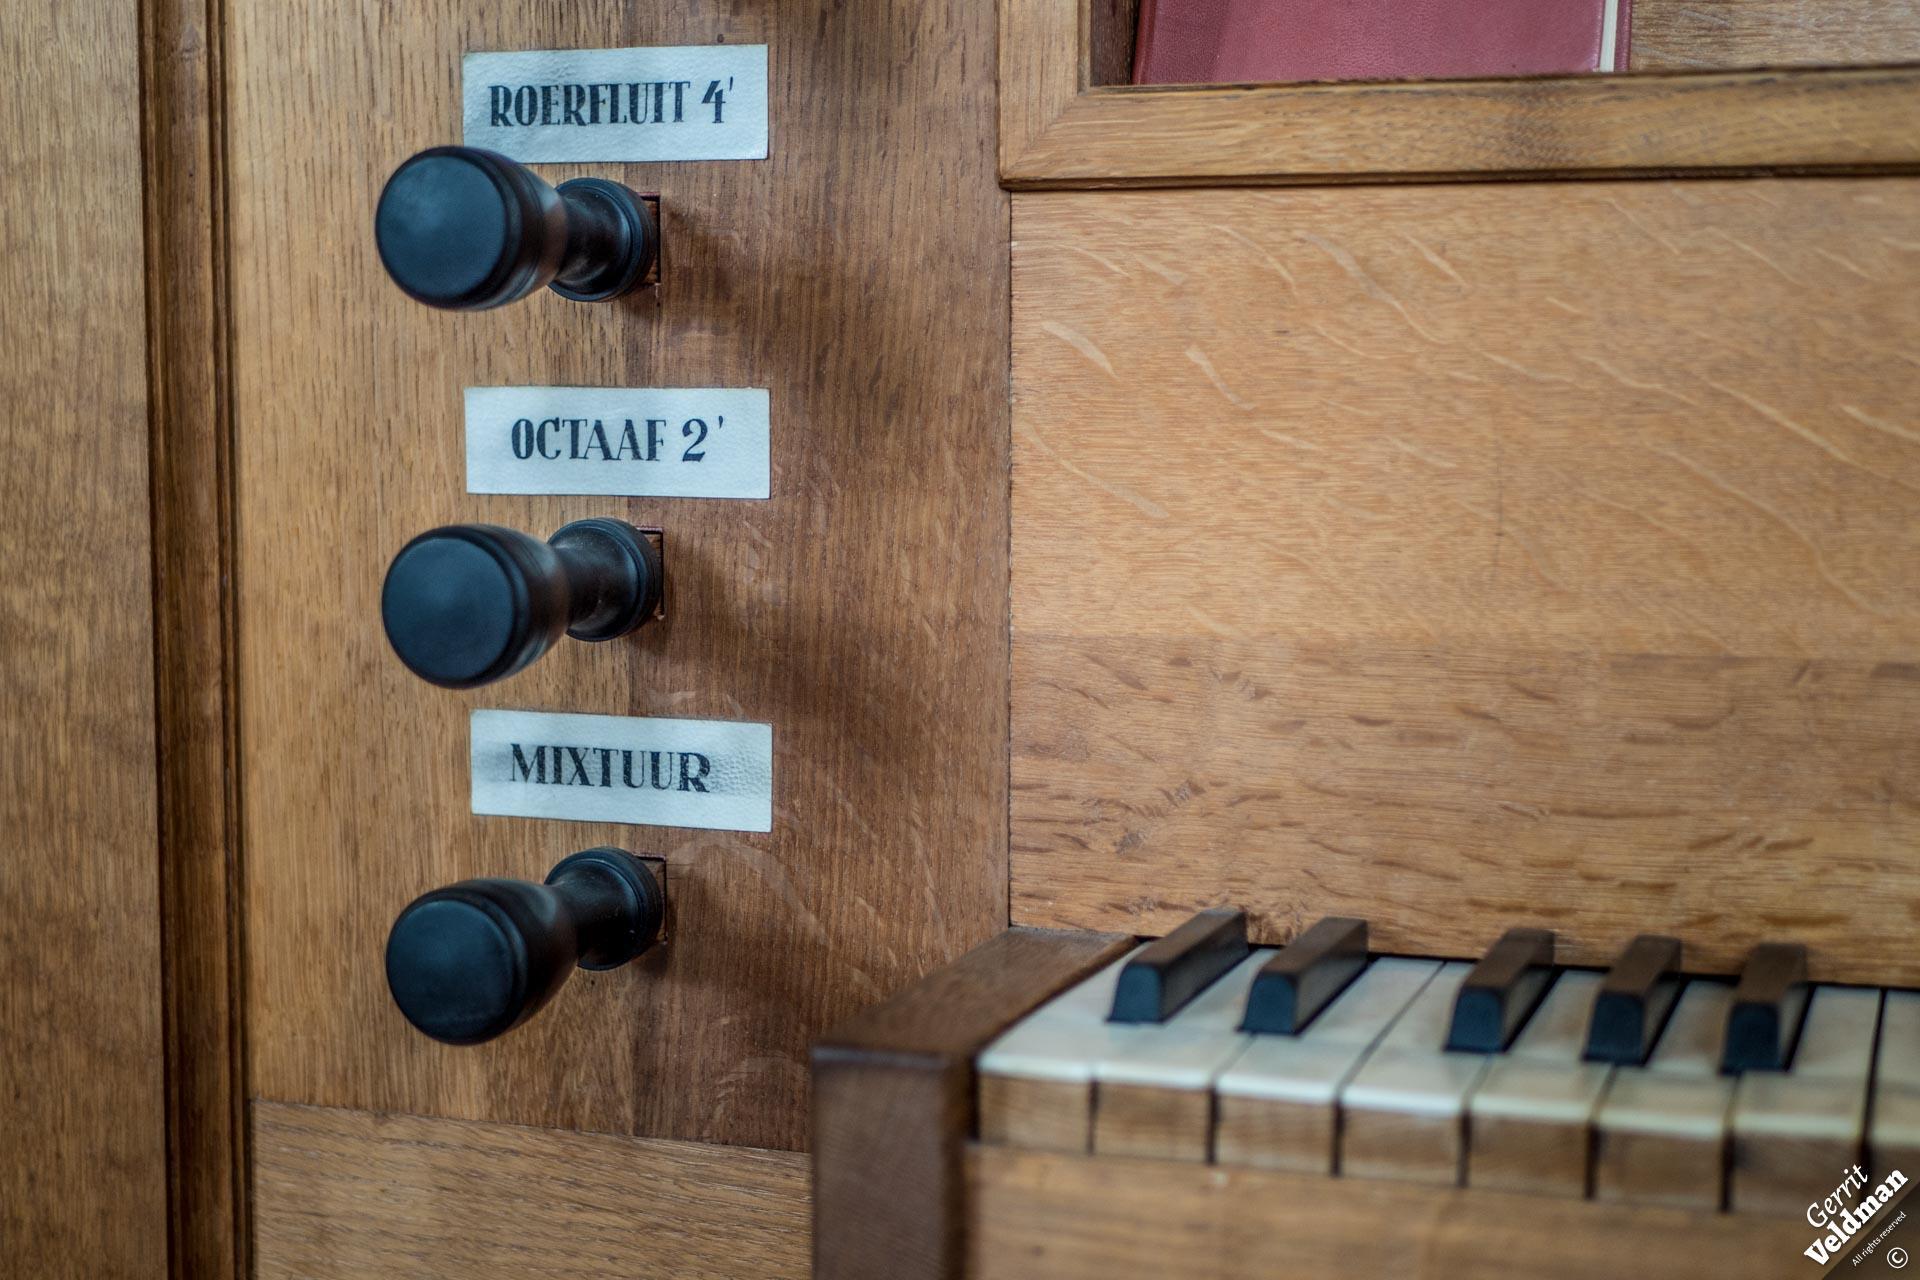 Ahrend & Brunzema-orgel, Walburgiskerk, Zutphen